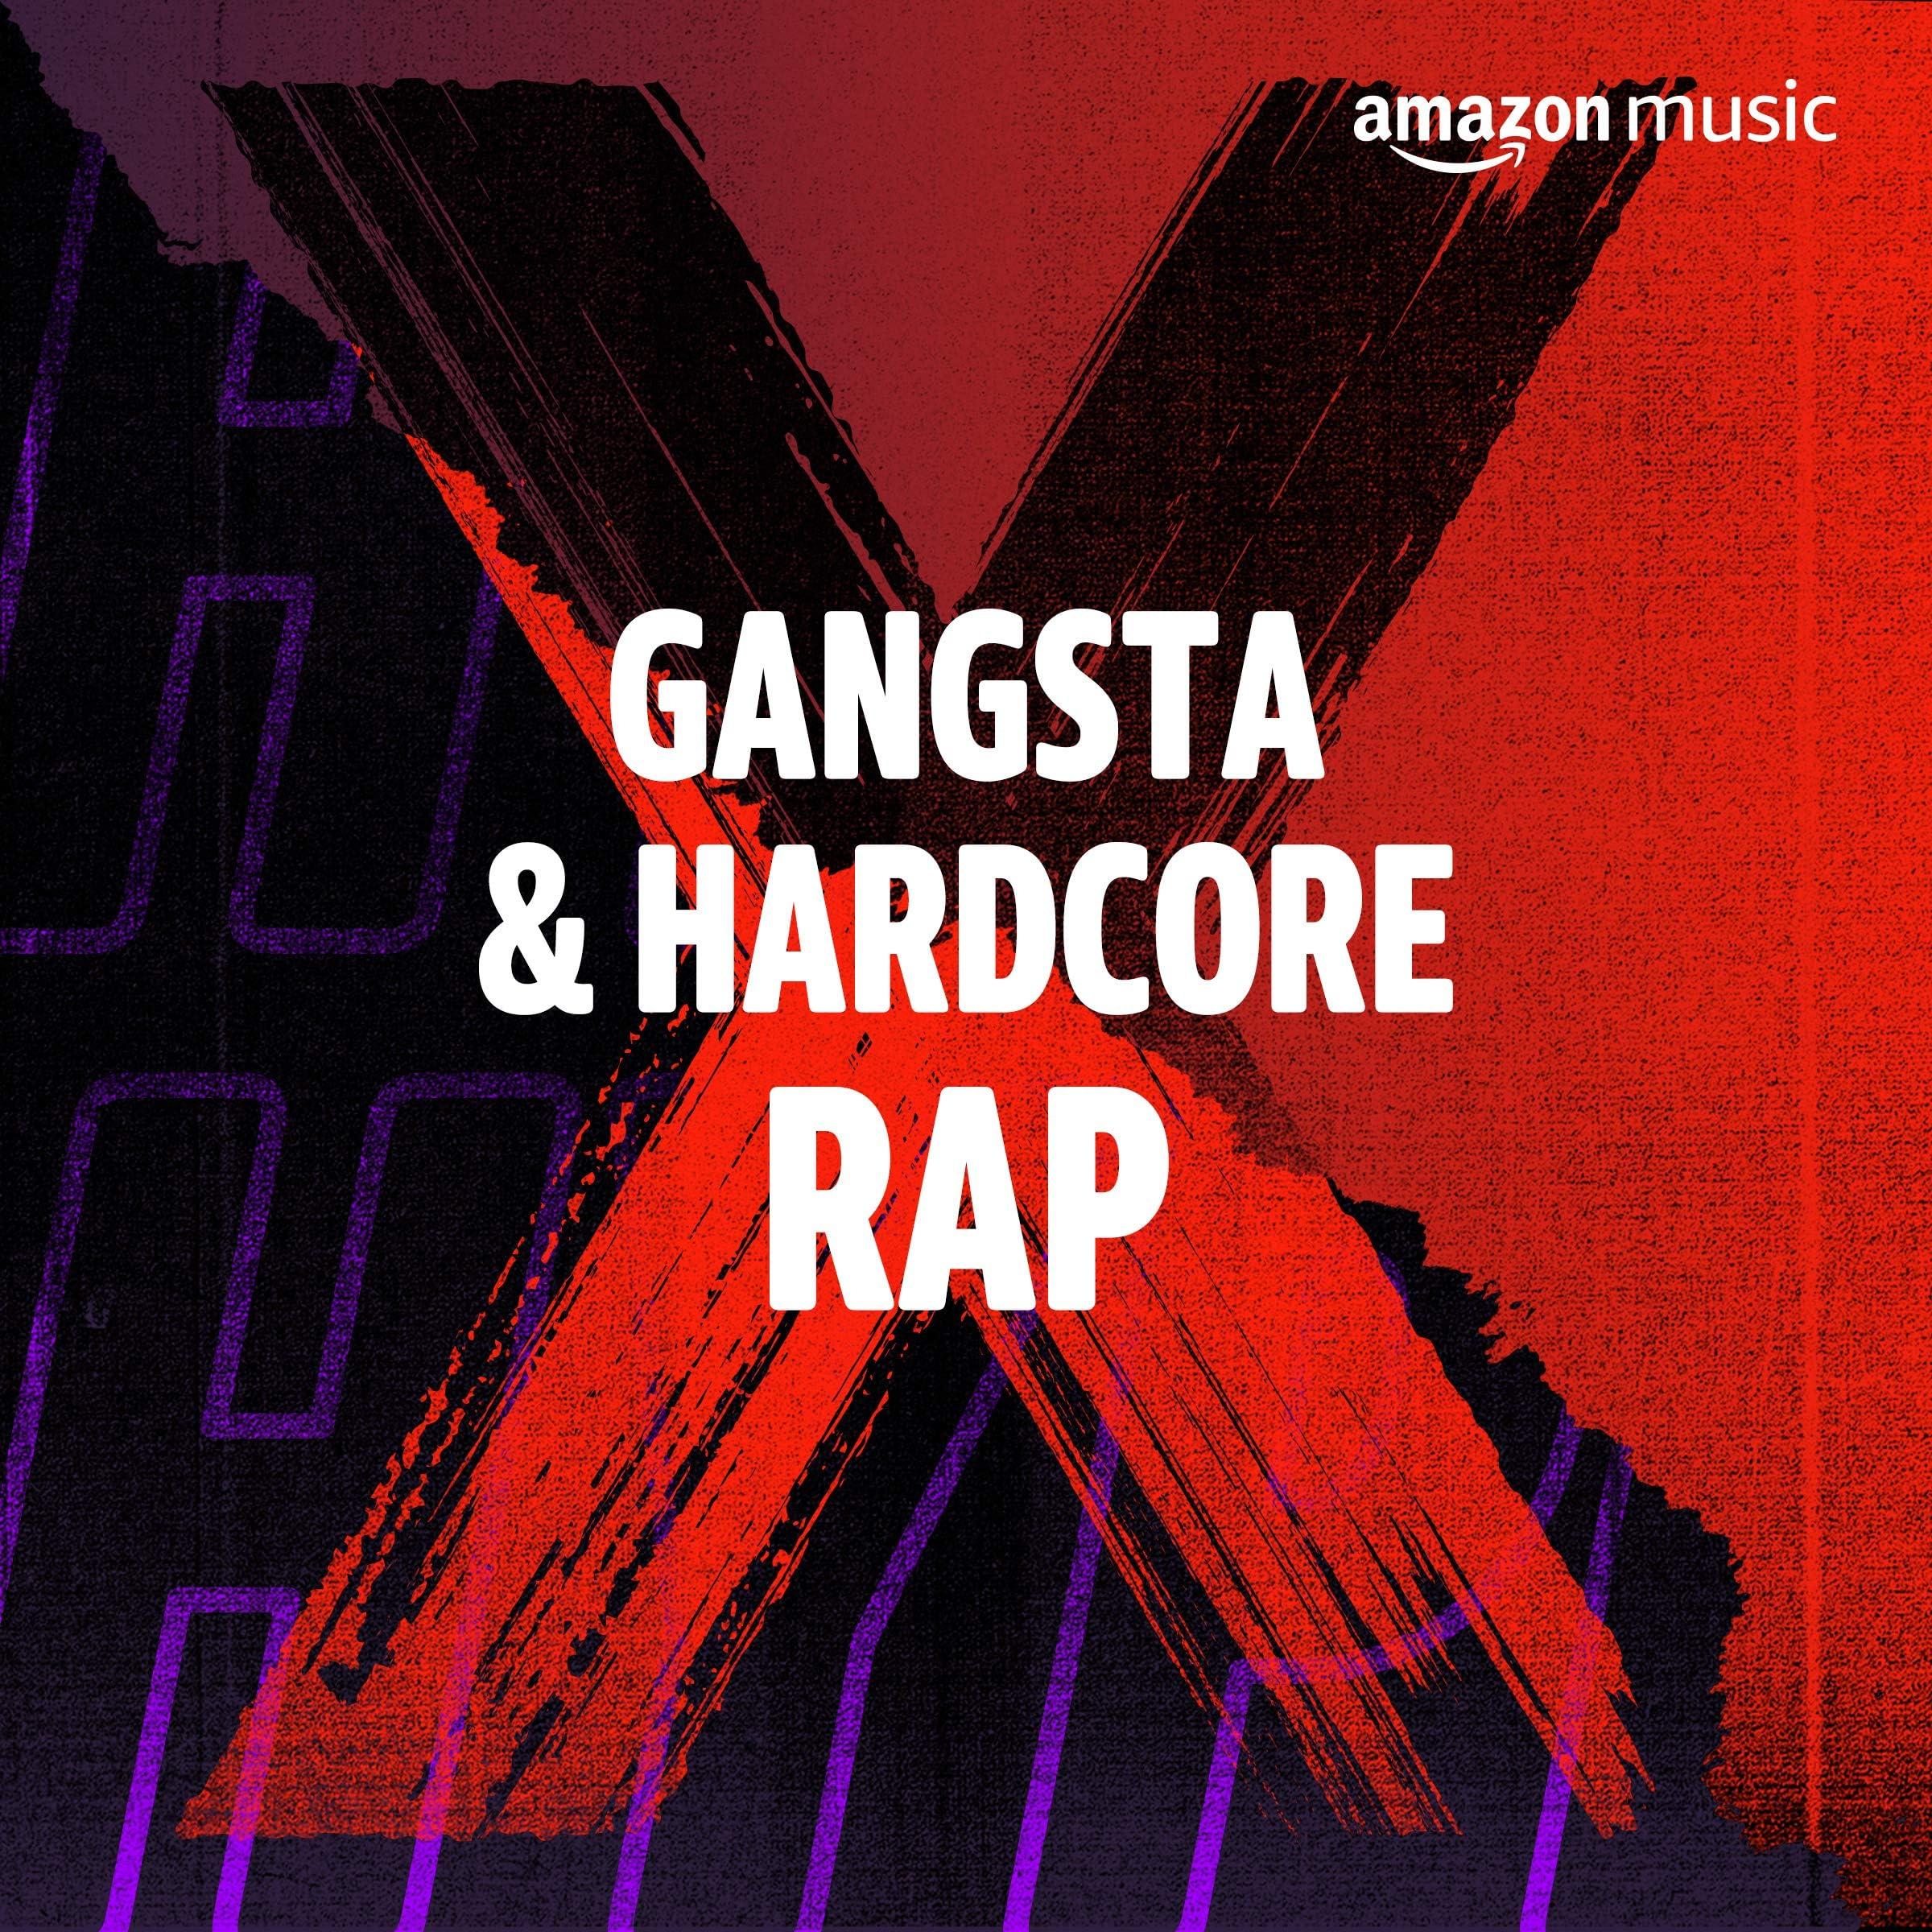 Gangsta & Hardcore Rap